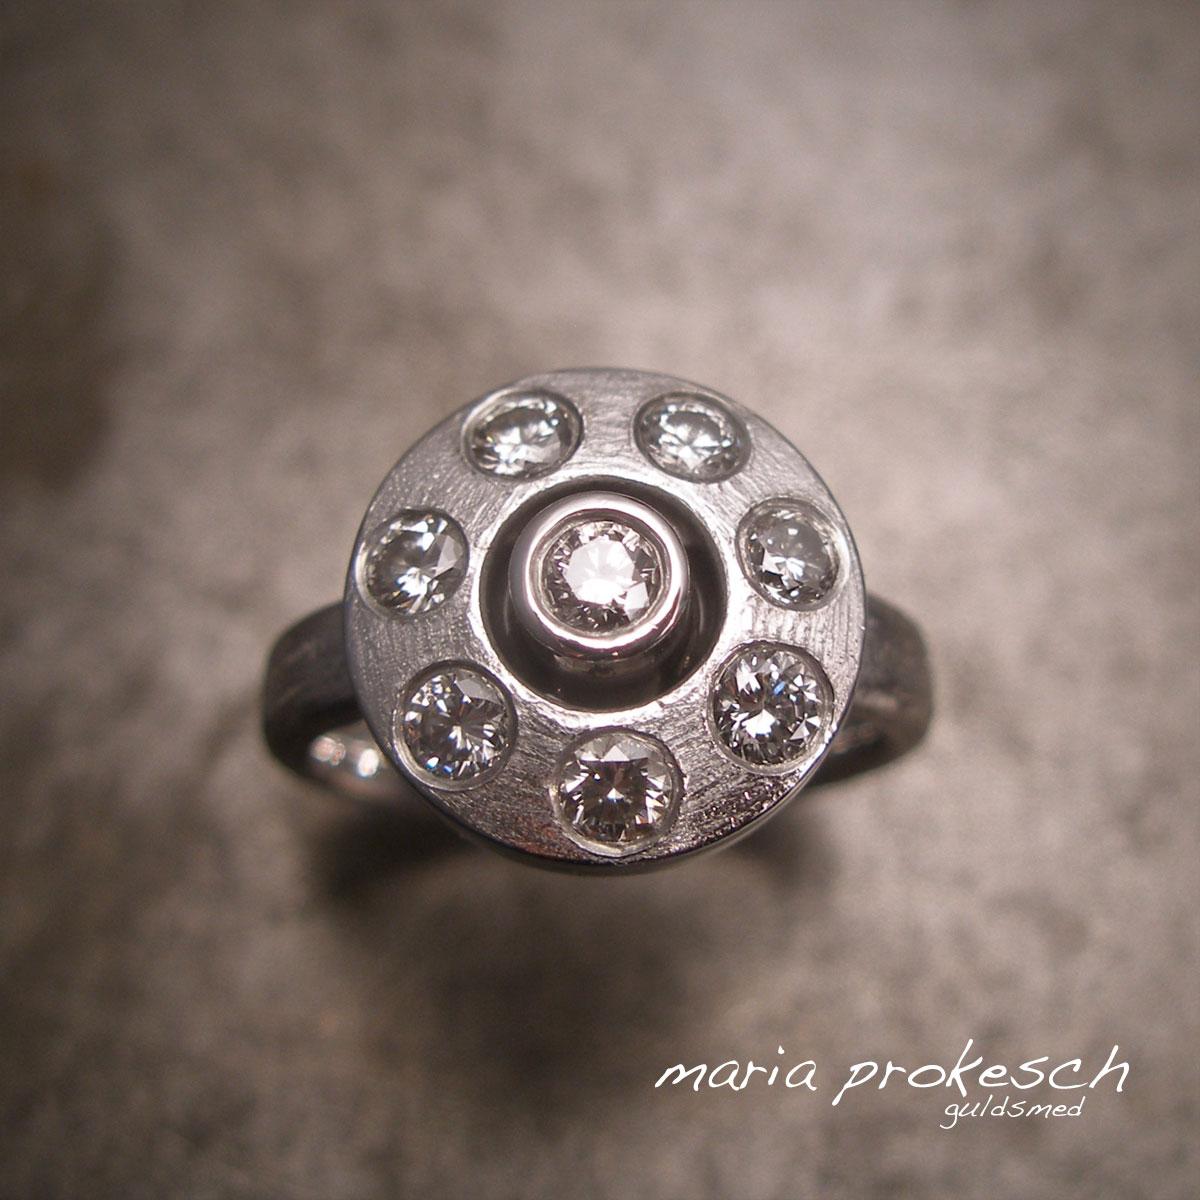 Hvidguldsring, anderledes rosetring med diamanter rundt omkring. Håndlavet på eget værksted